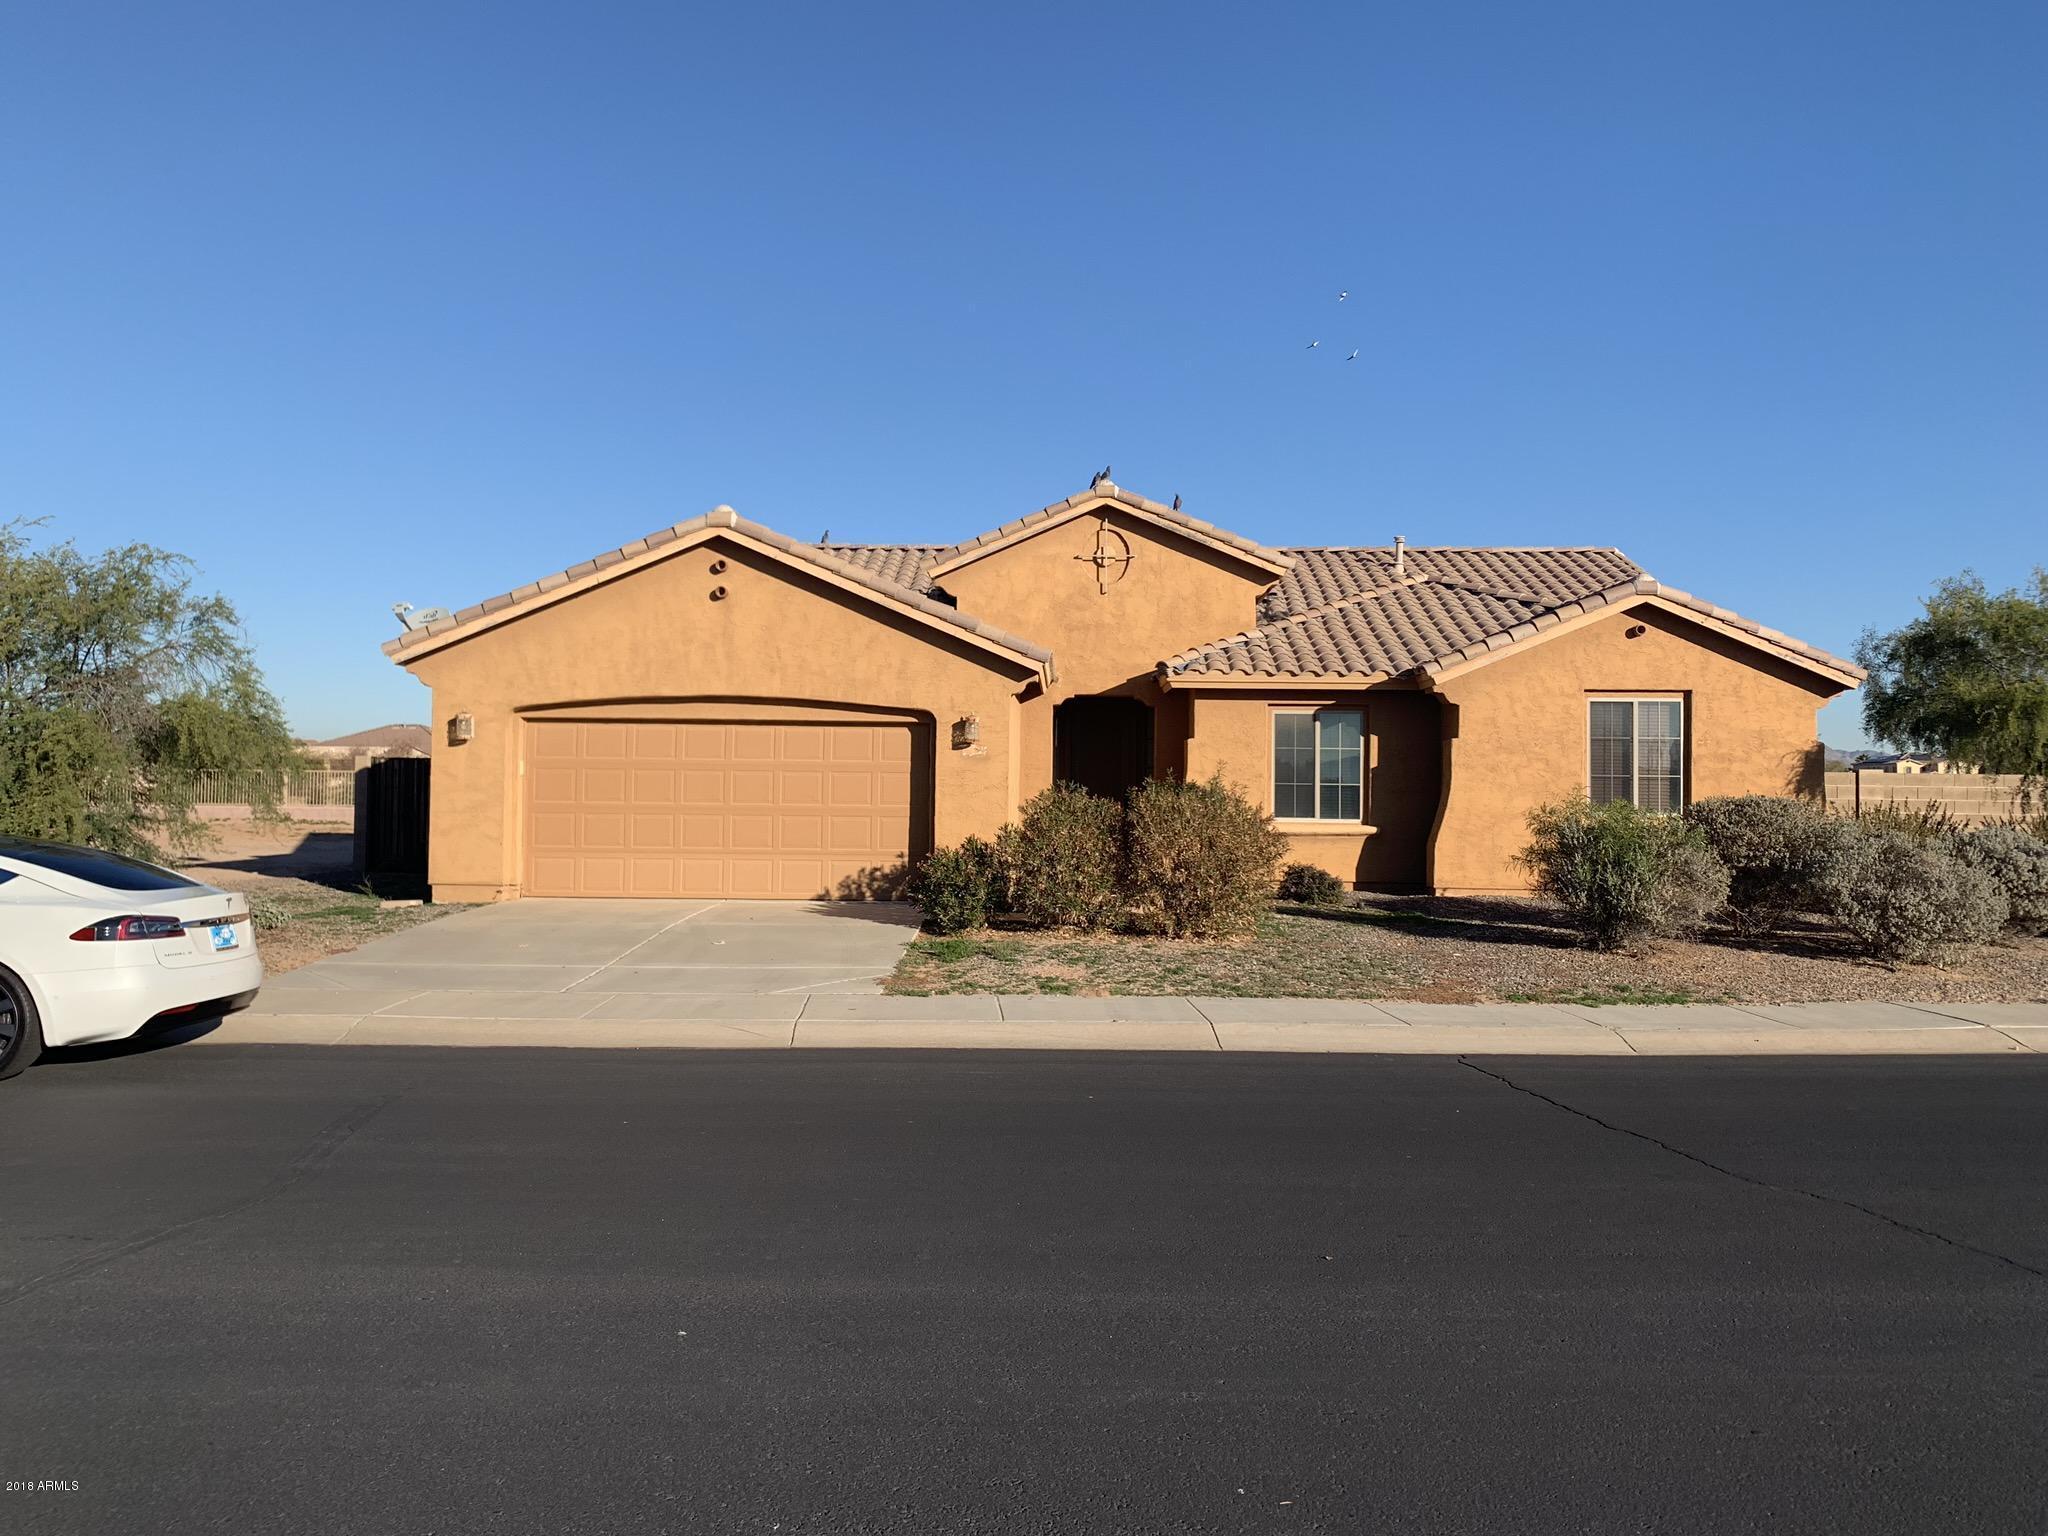 Photo for 590 E Cactus Wren Drive, Casa Grande, AZ 85122 (MLS # 5859702)